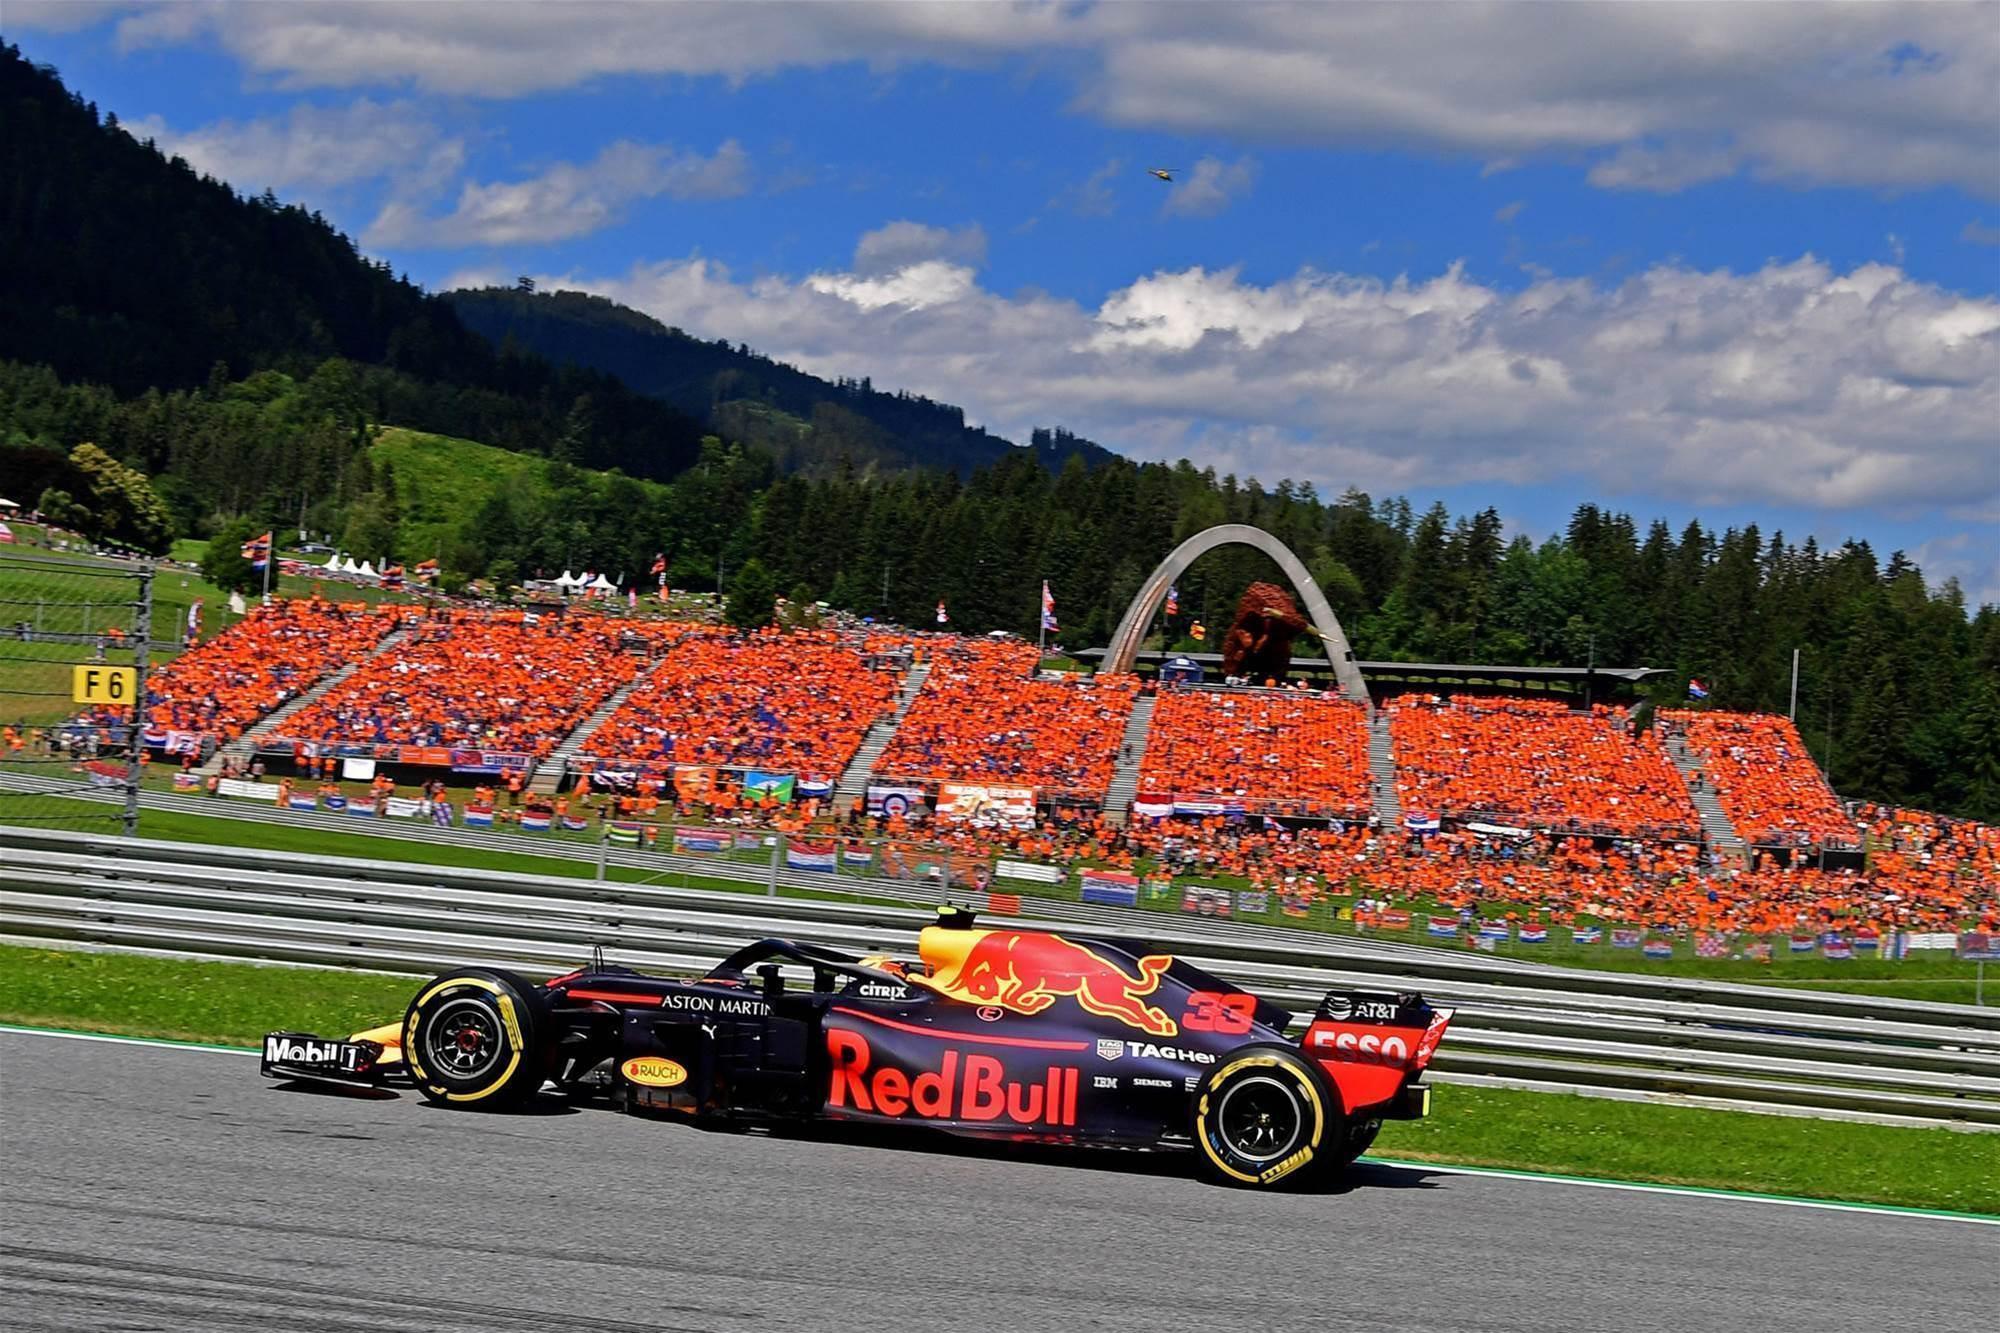 Verstappen wins in Austria